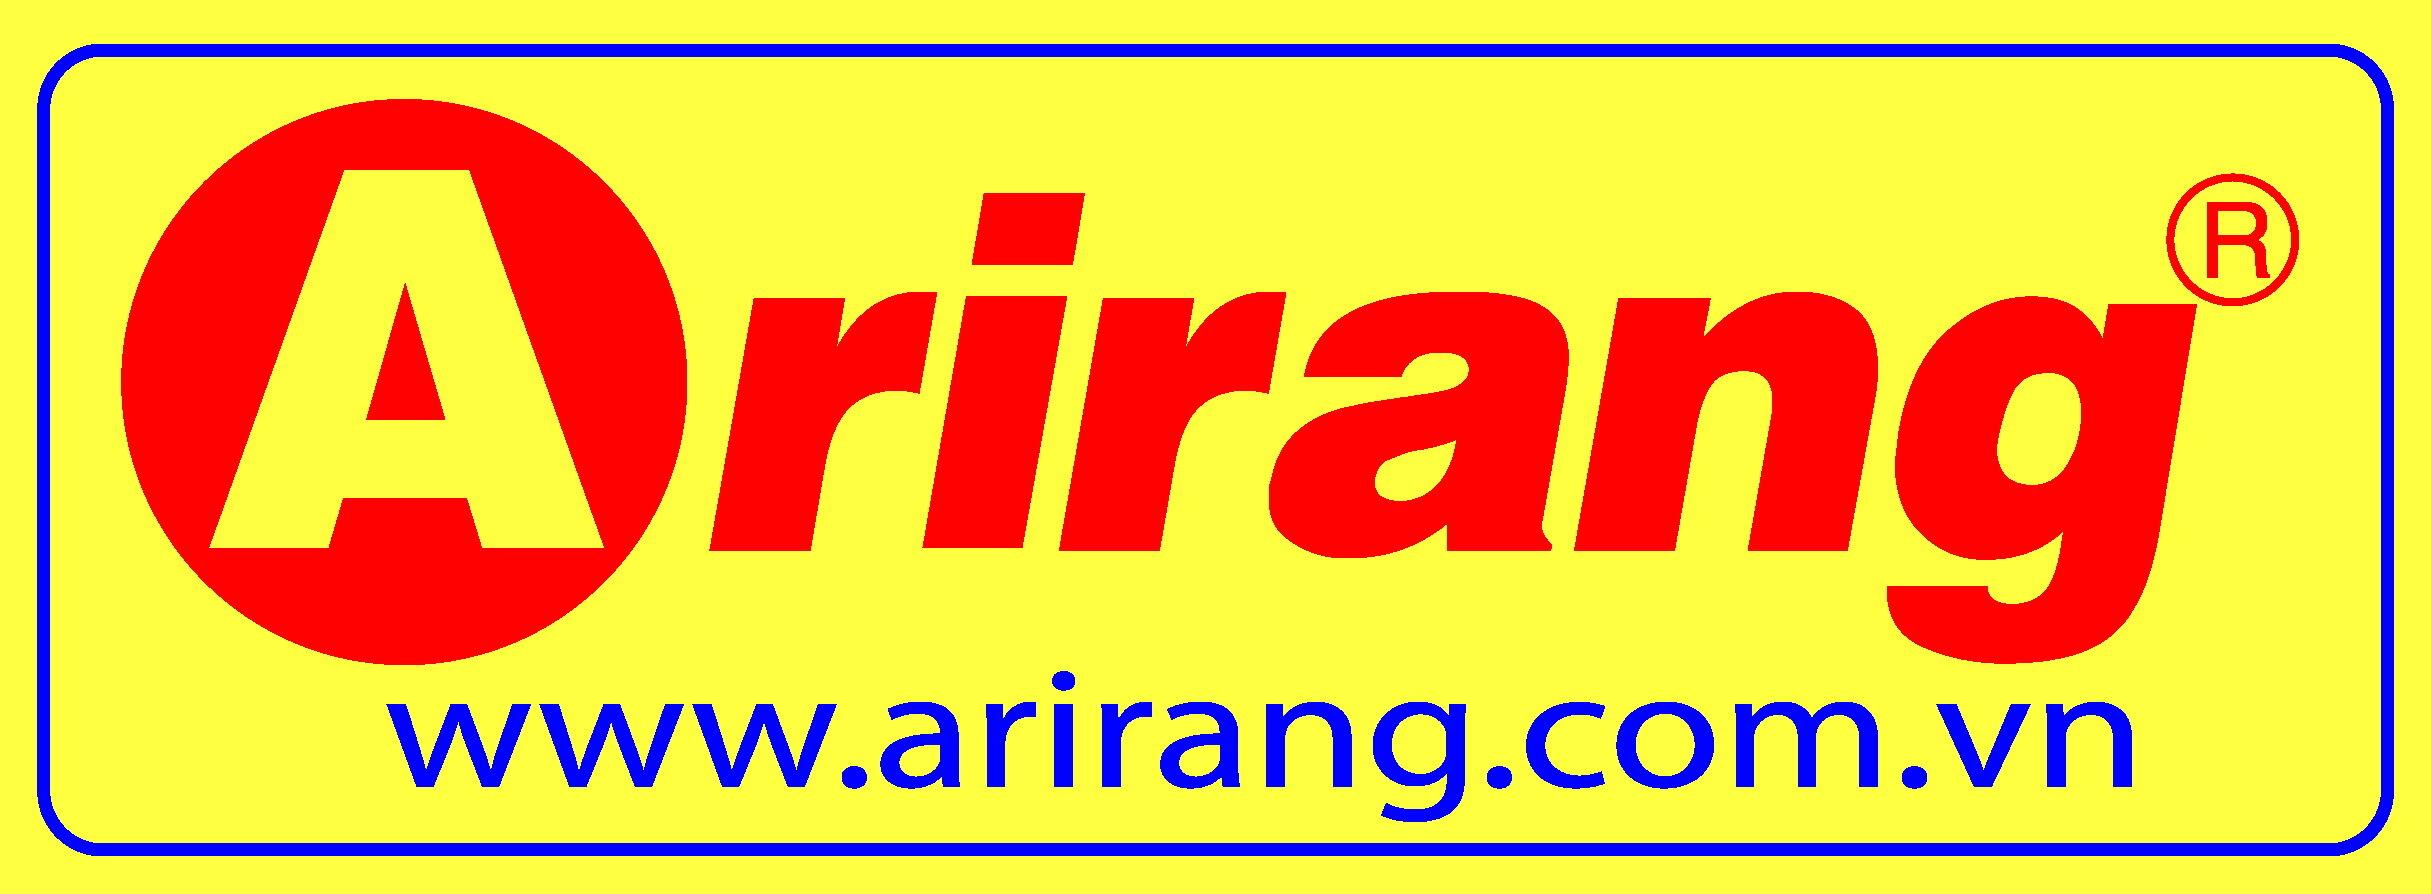 Hãng âm thanh Arirang Việt Nam